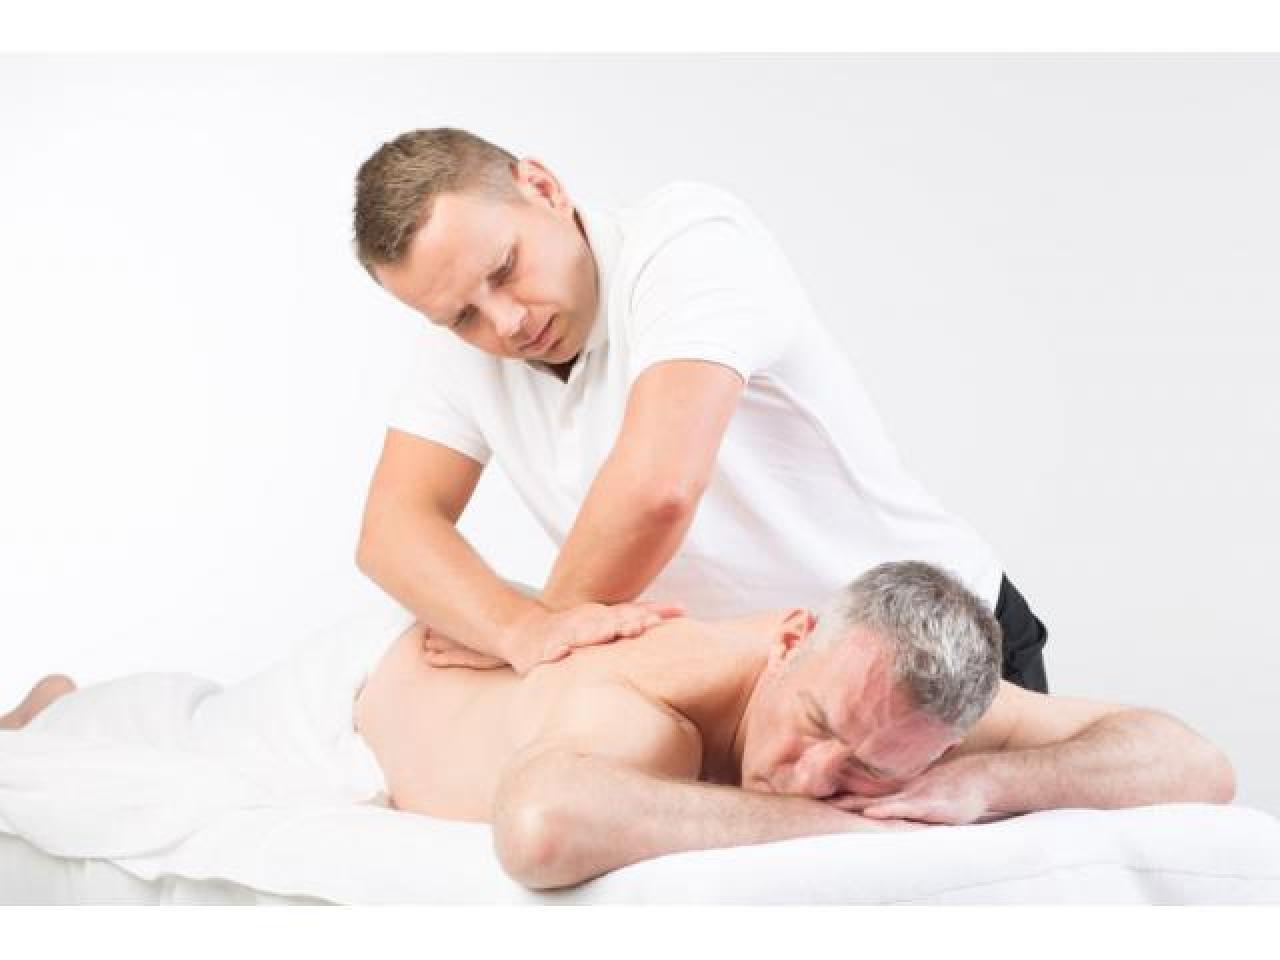 Профессиональный массаж, Скидки, 12 лет опыта - 1